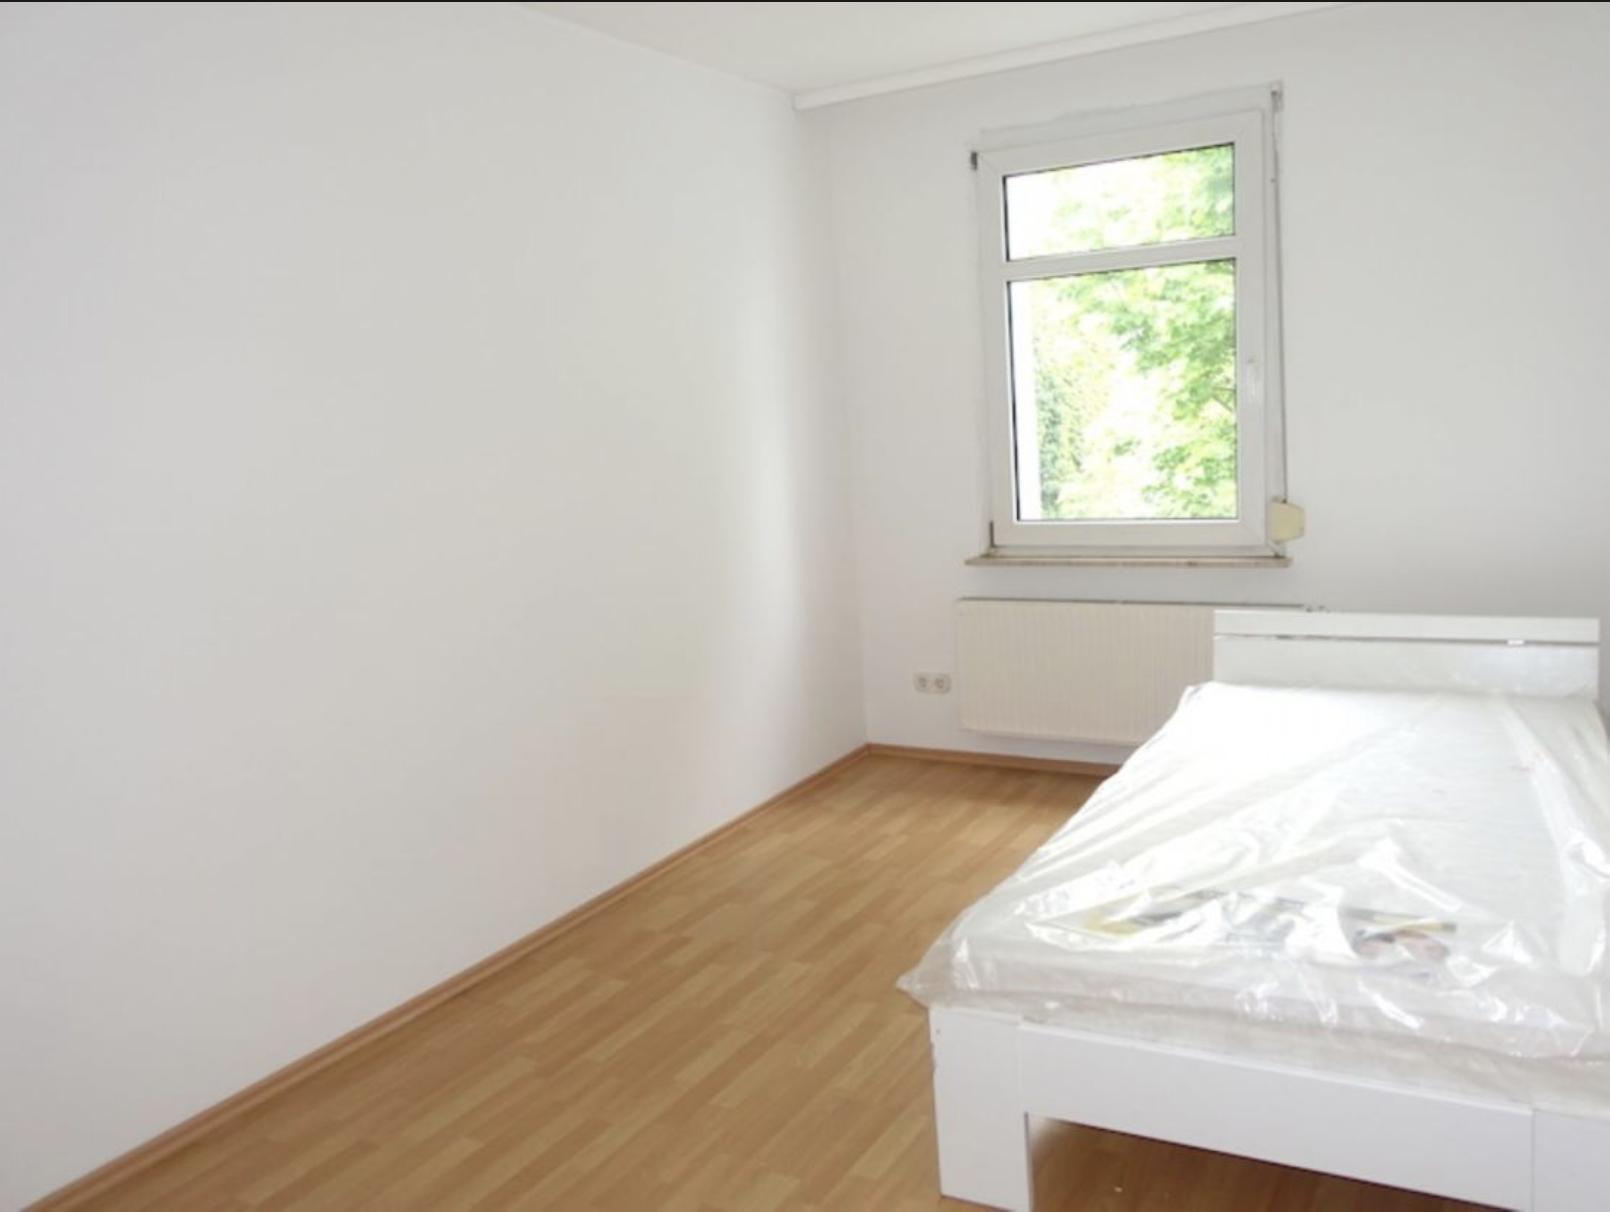 Schöne helle Altbauwohnung in St. Johannis perfekt geeignet für Pärchen und WG´s